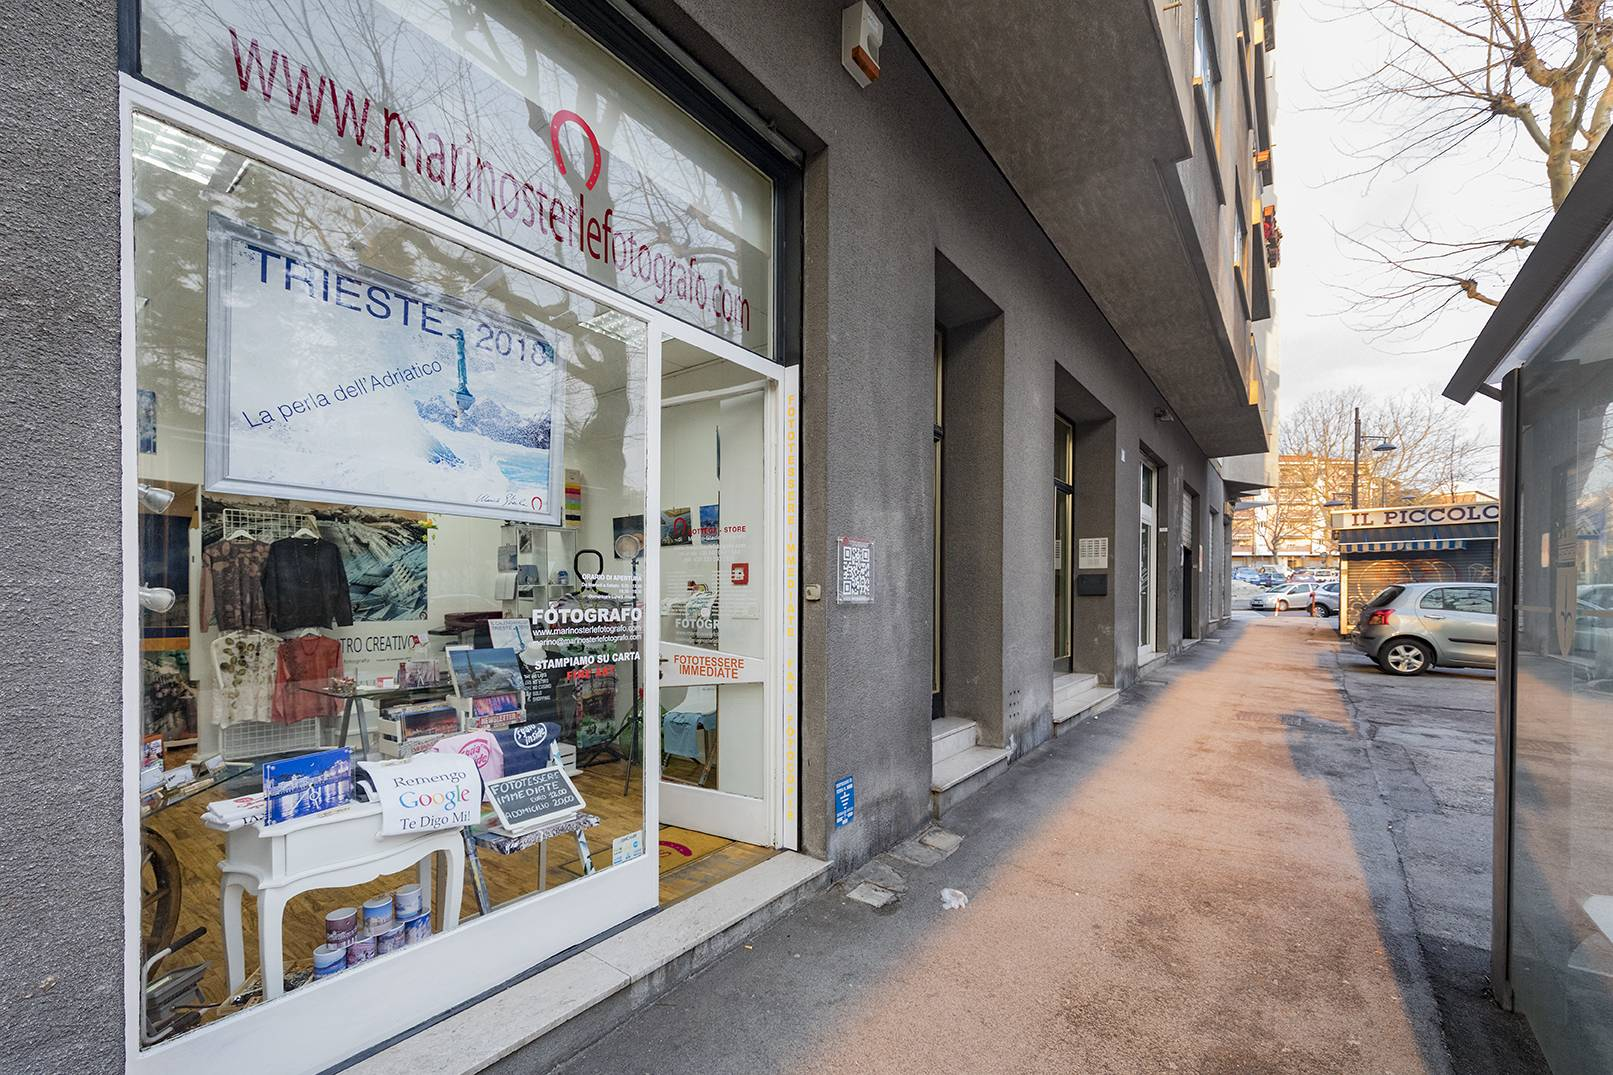 Negozio / Locale in affitto a Trieste, 9999 locali, prezzo € 400 | PortaleAgenzieImmobiliari.it